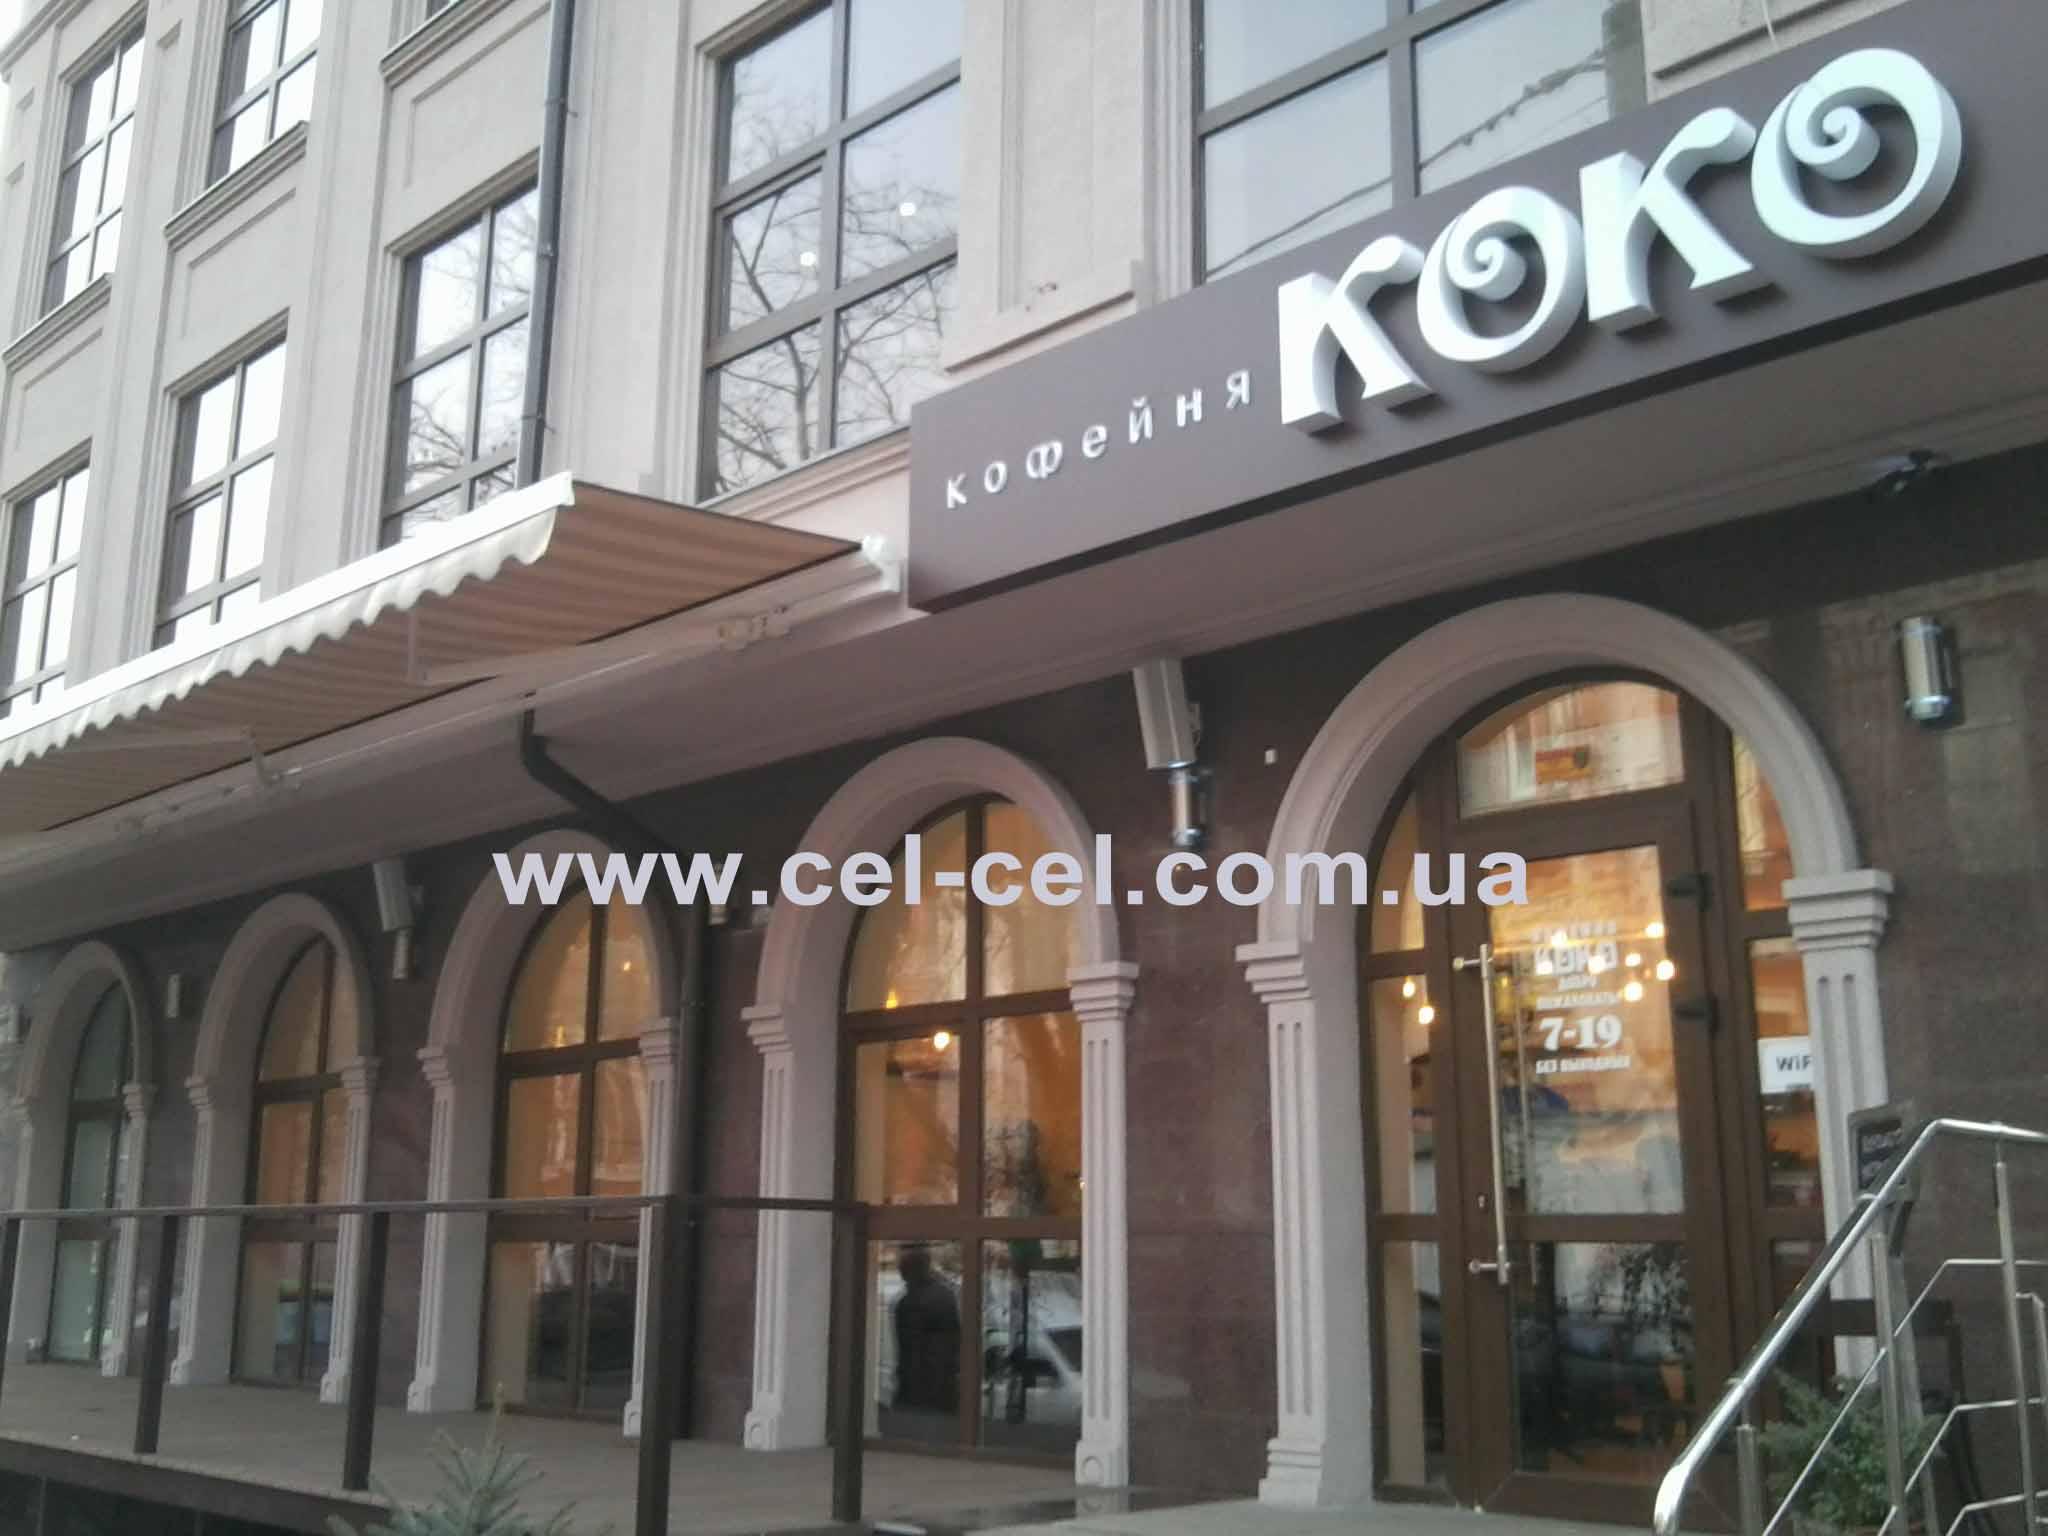 Установка маркизы кофейня КОКО